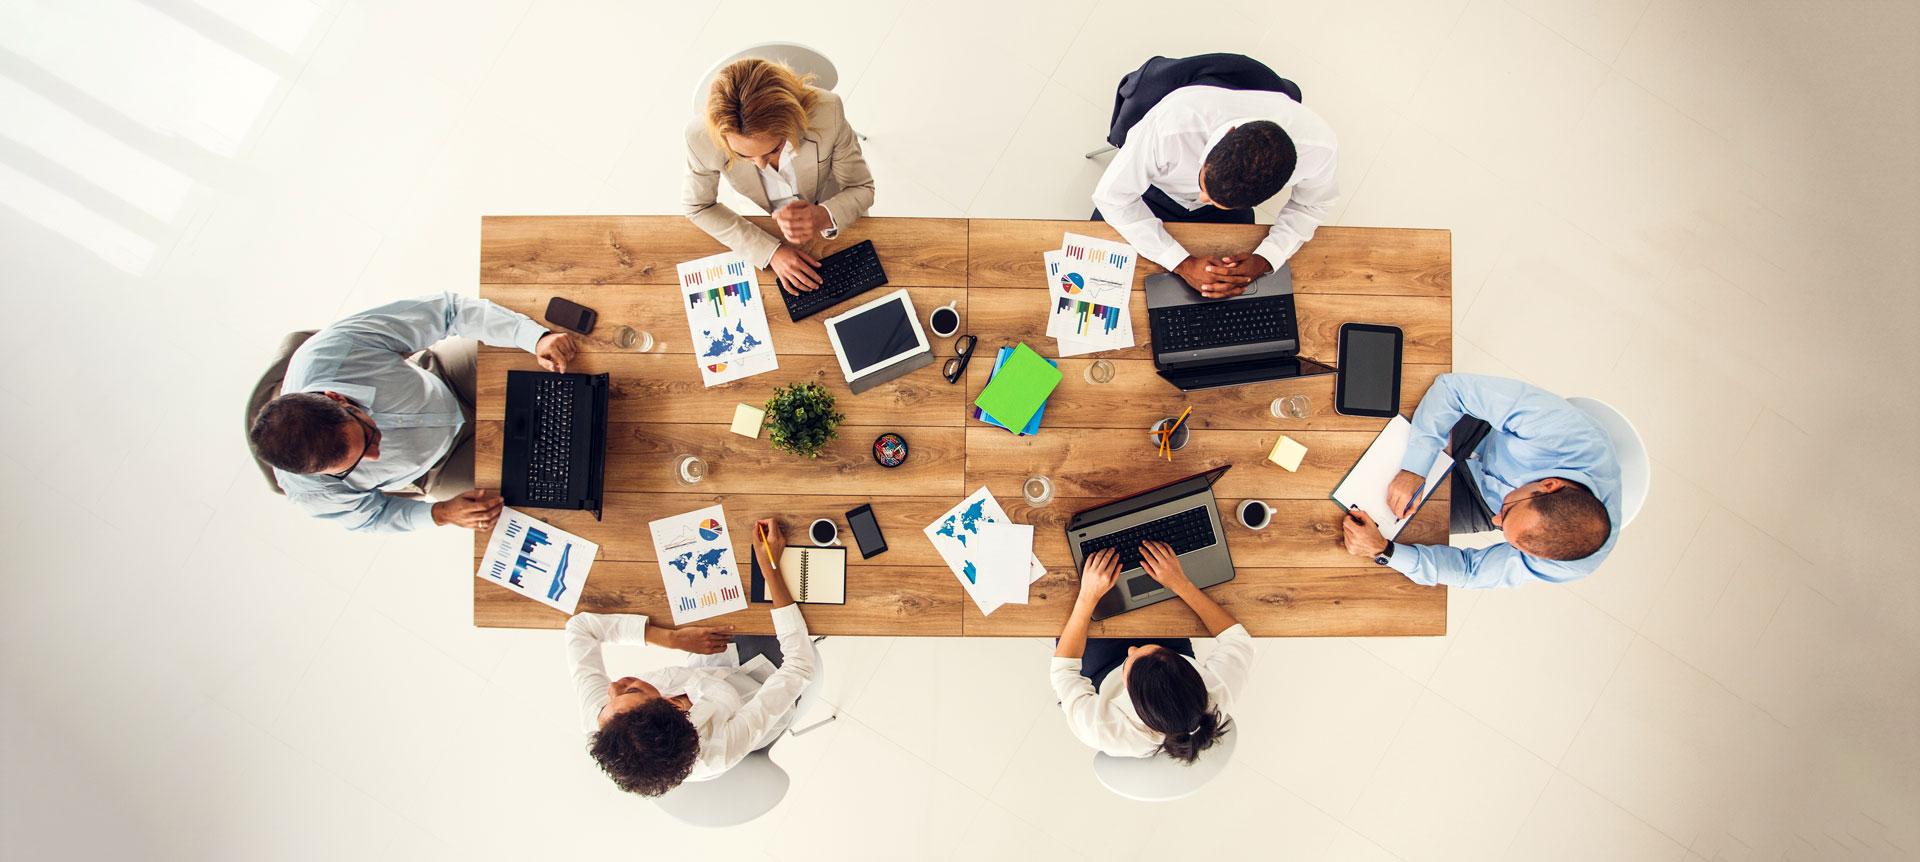 EVACO datatalk-Meetup: Menschen sitzen am Holztisch